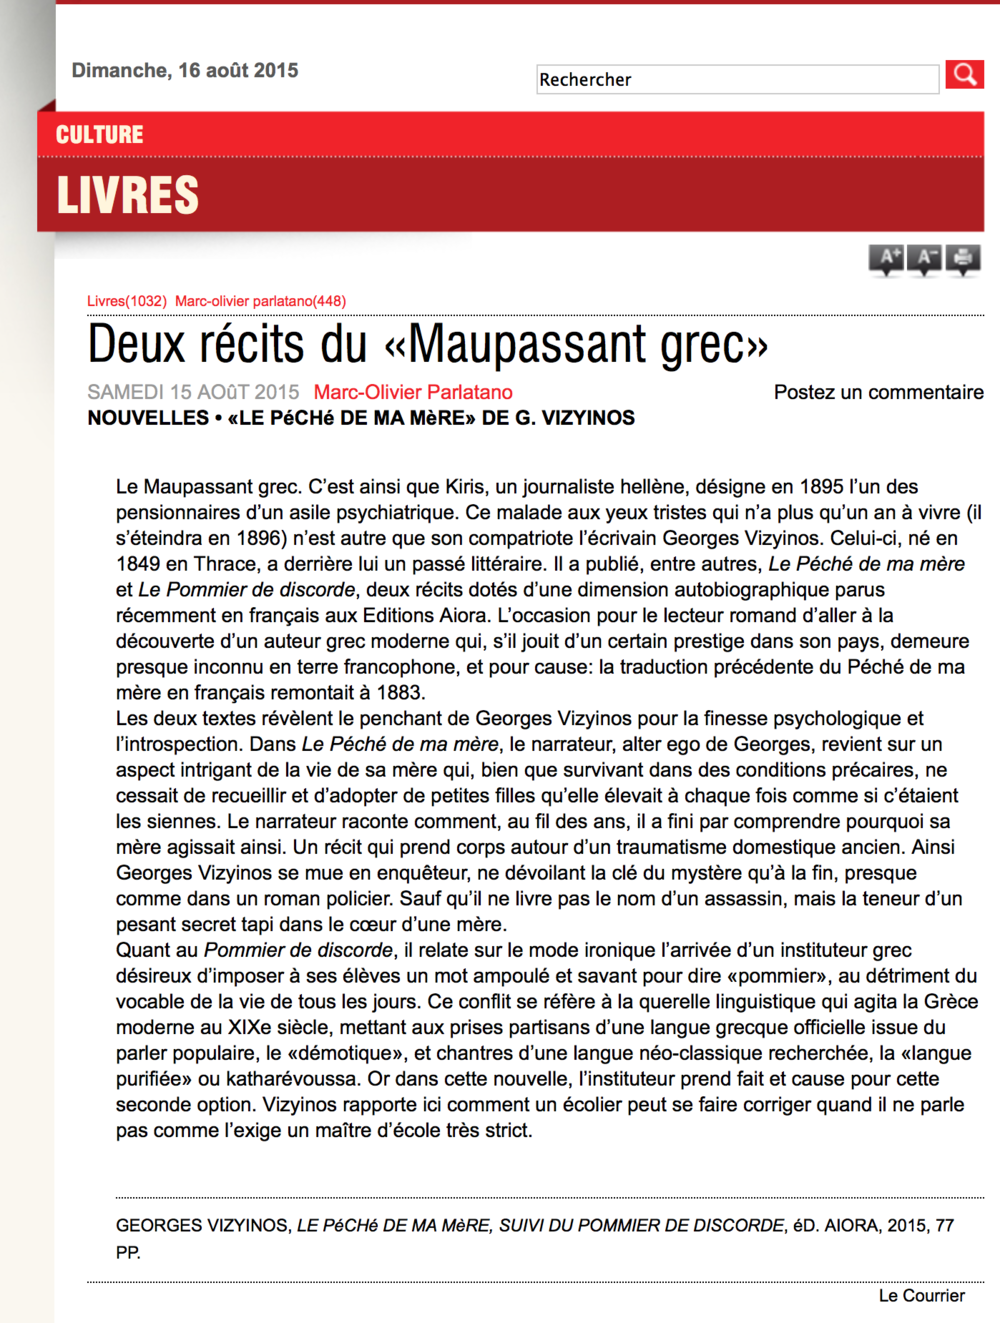 LE COURRIER / DIMANCHE 16 AOÛT 2015 - par Marc-Olivier Parlatano